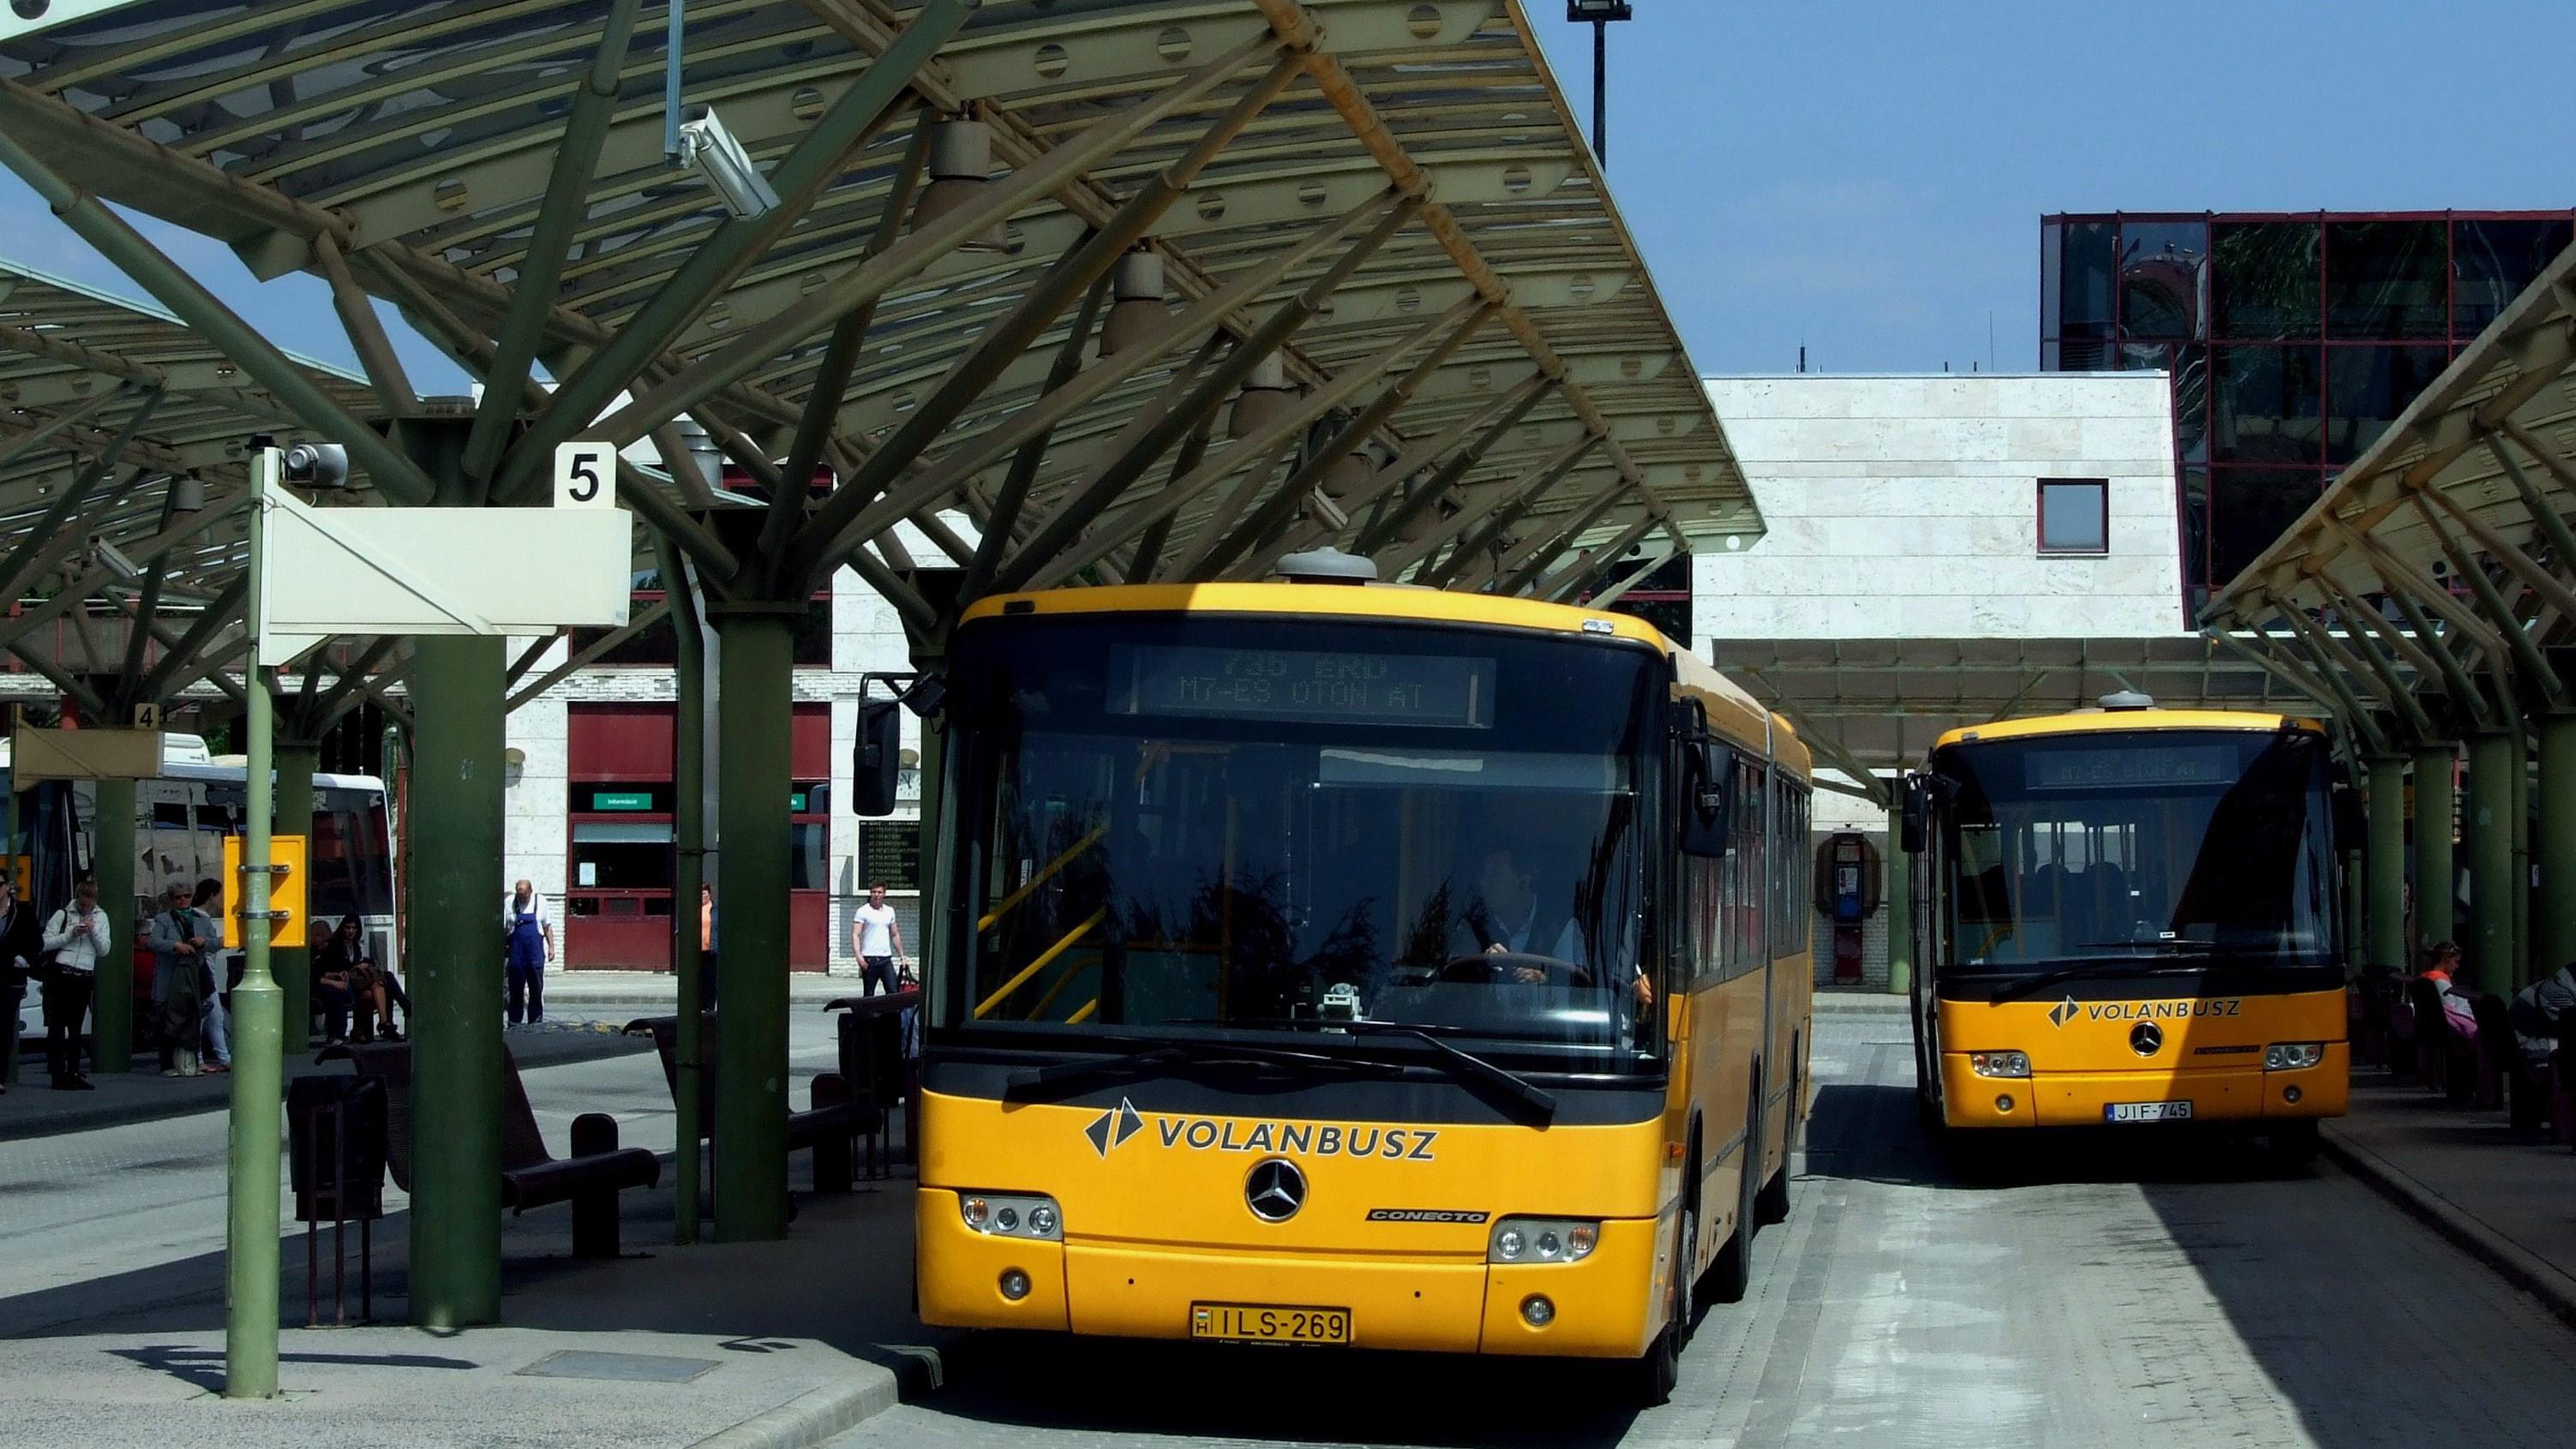 Helyközi járatokon közlekedő autóbuszok várnak indulásra Kelenföldön, az Etele téri Volán Buszpályaudvaron.